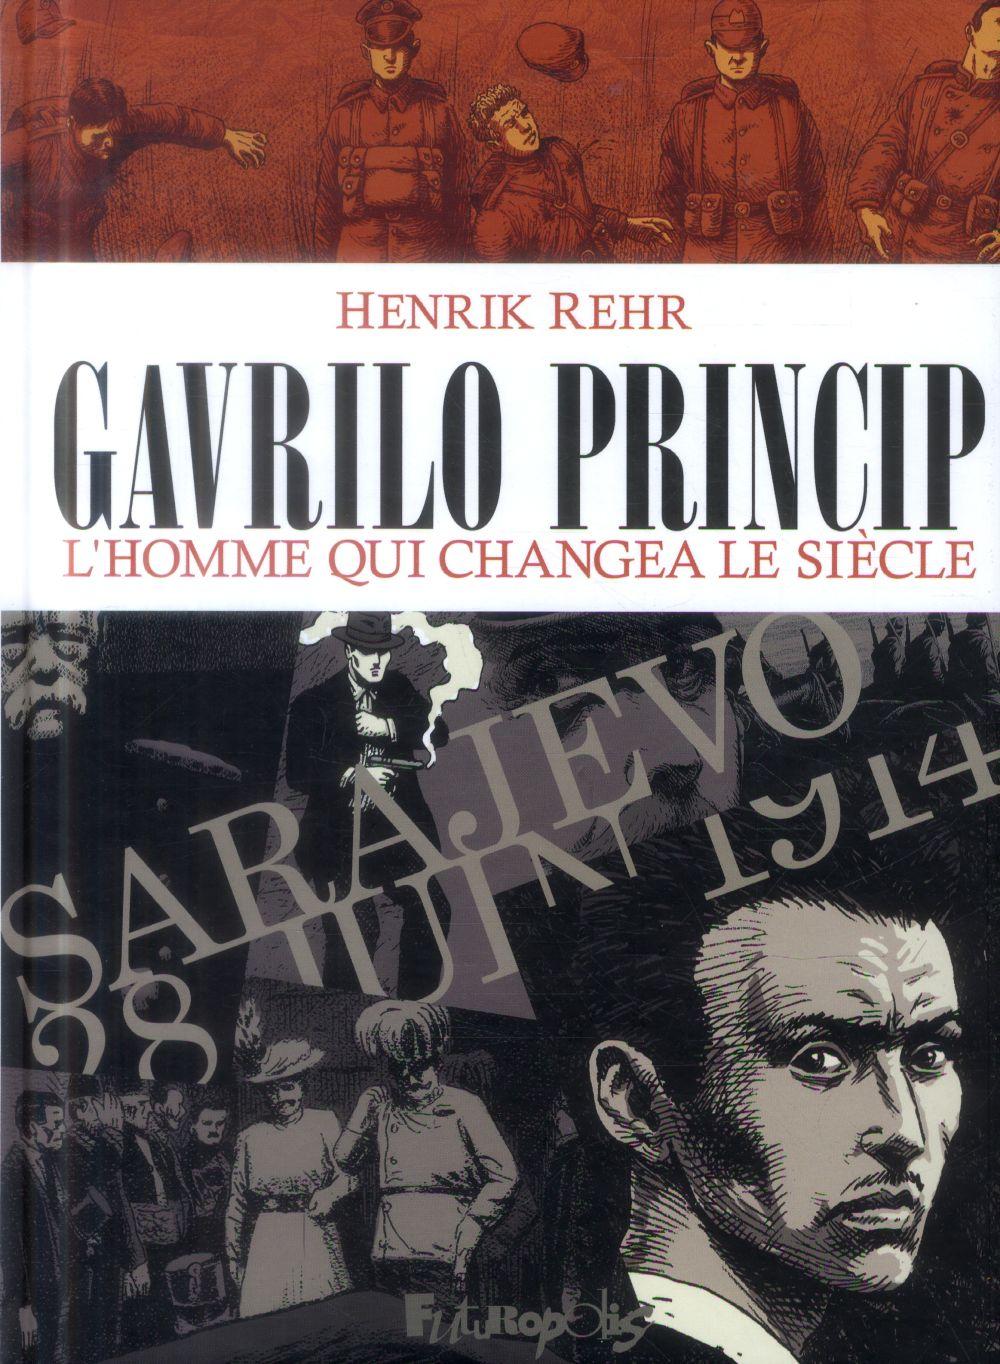 GAVRILO PRINCIP - L'HOMME QUI CHANGEA LE SIECLE